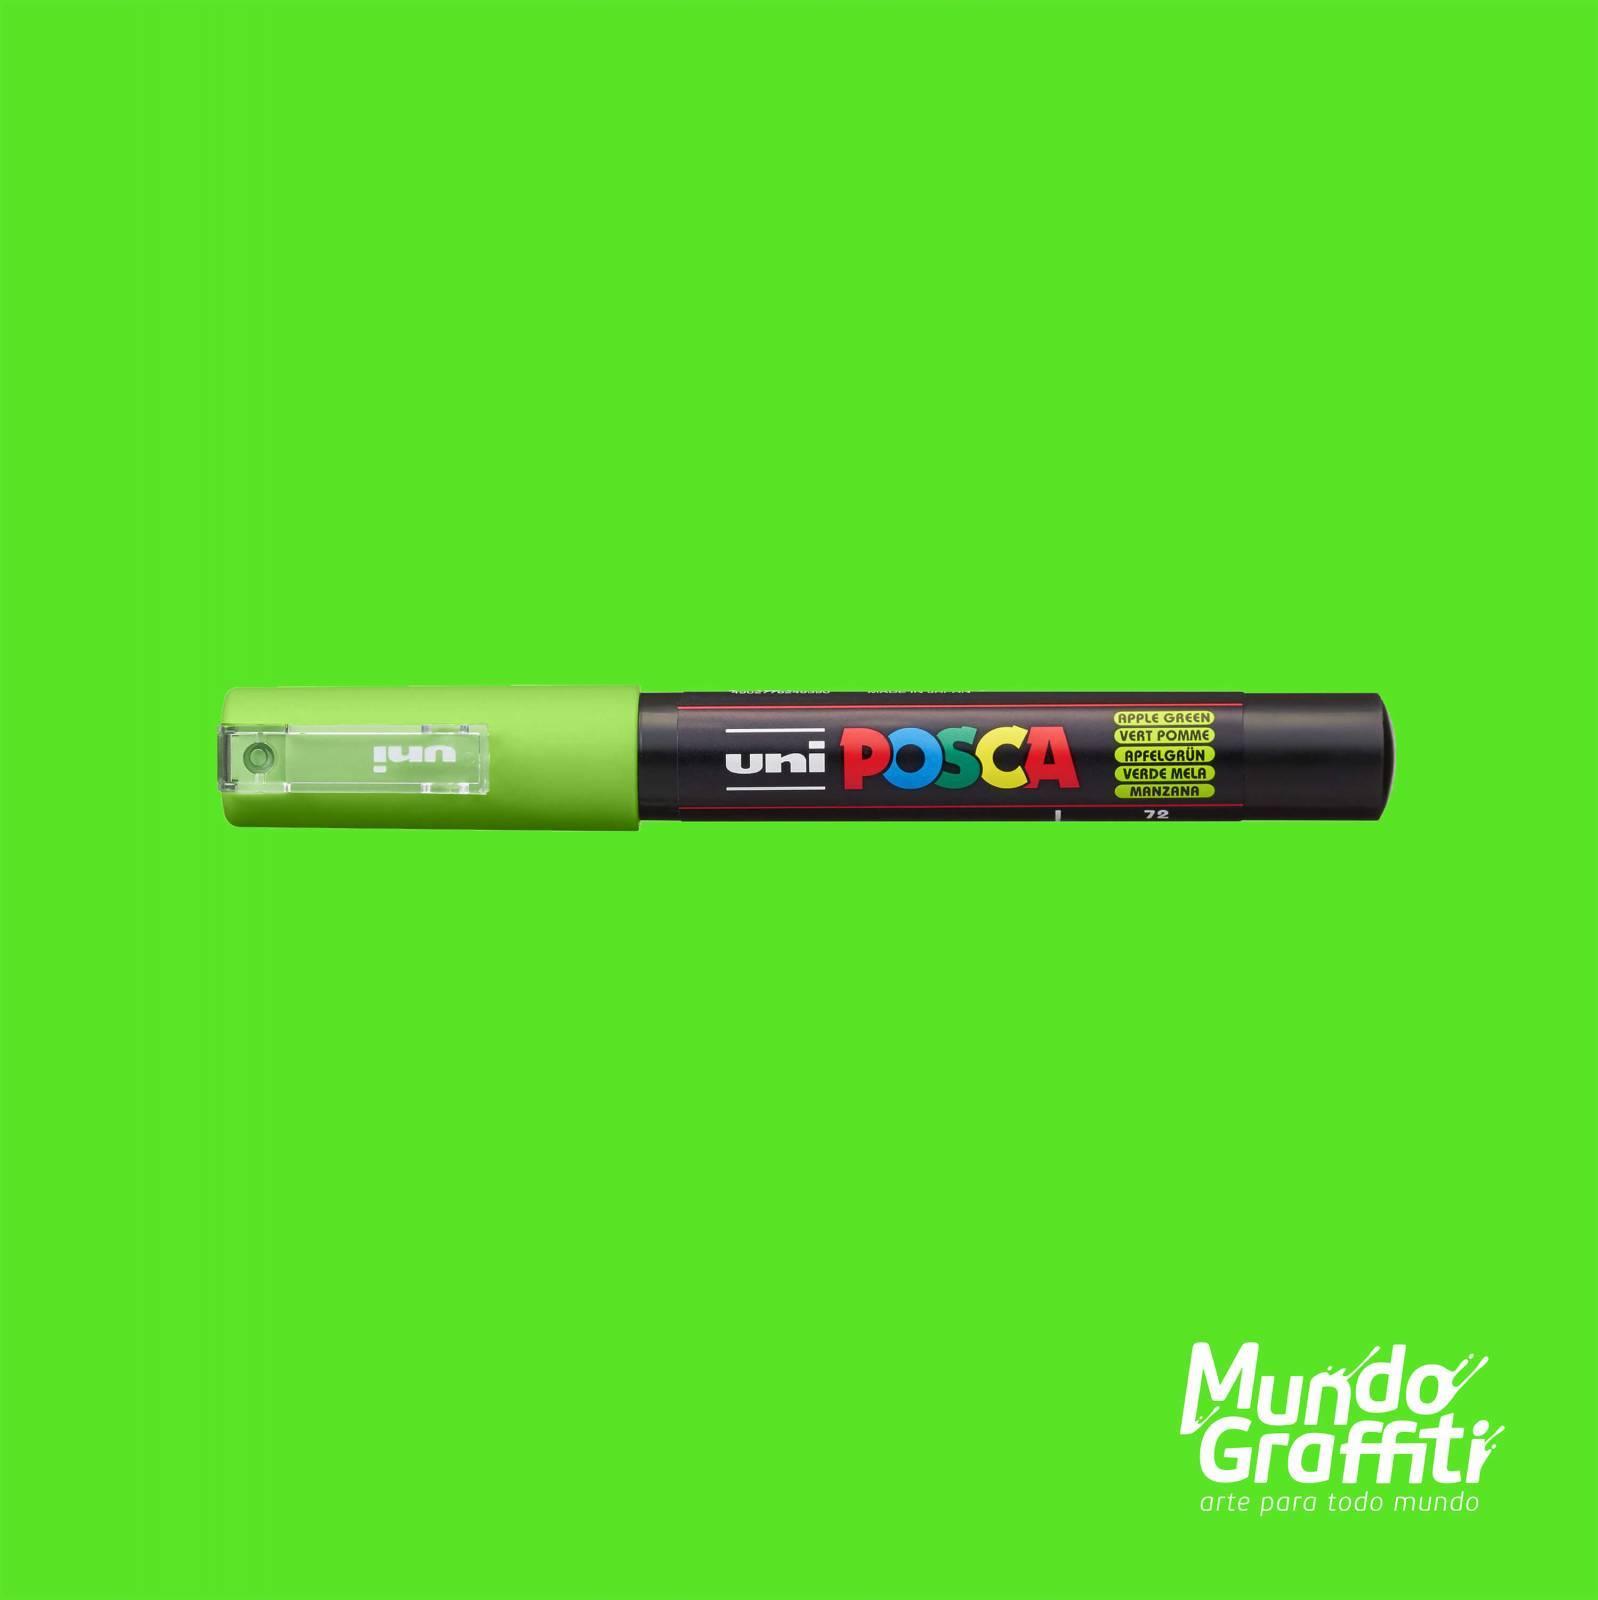 Caneta Posca 1M Maçã Verde - Mundo Graffiti